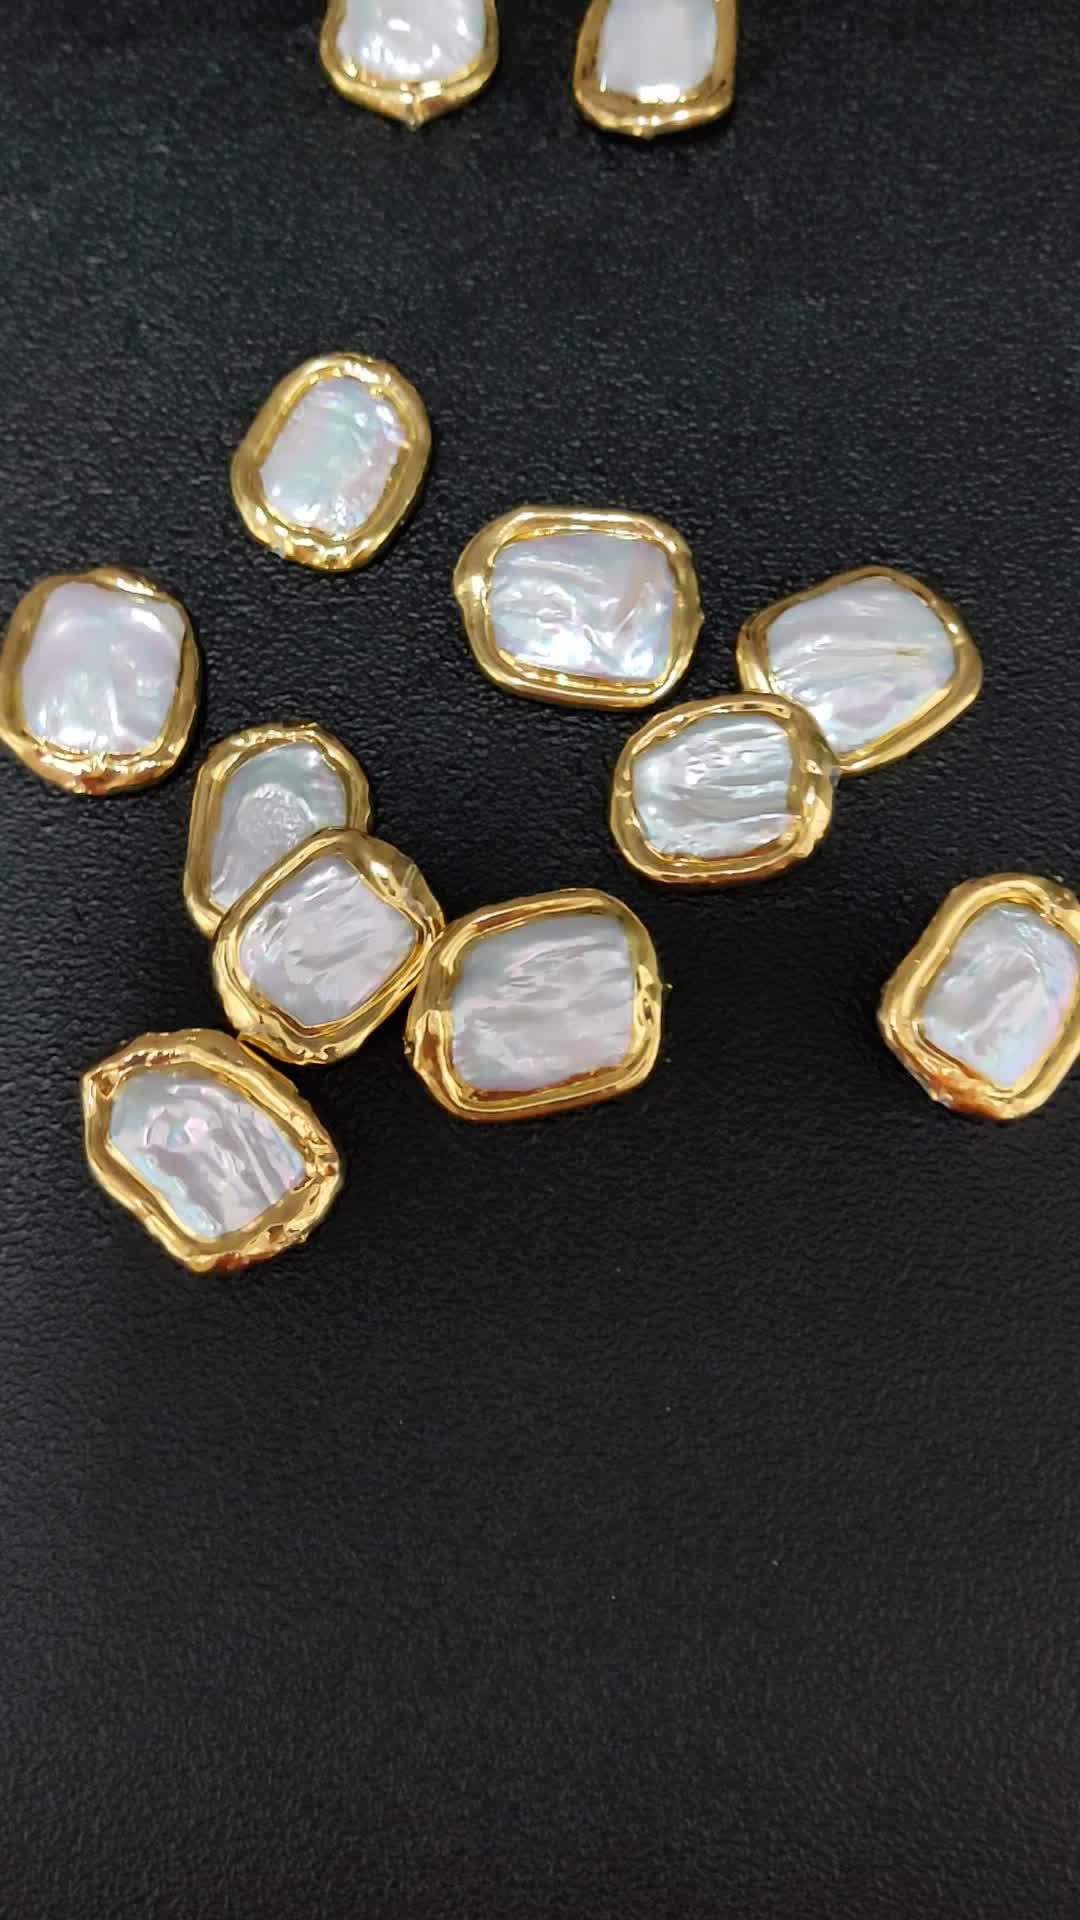 Reale placcatura In Oro Bianco Naturale Perla Irregolare di Forma Quadrata misura Branelli Ciondola Gli Orecchini di Modo Dei Monili La Collana Che Fa